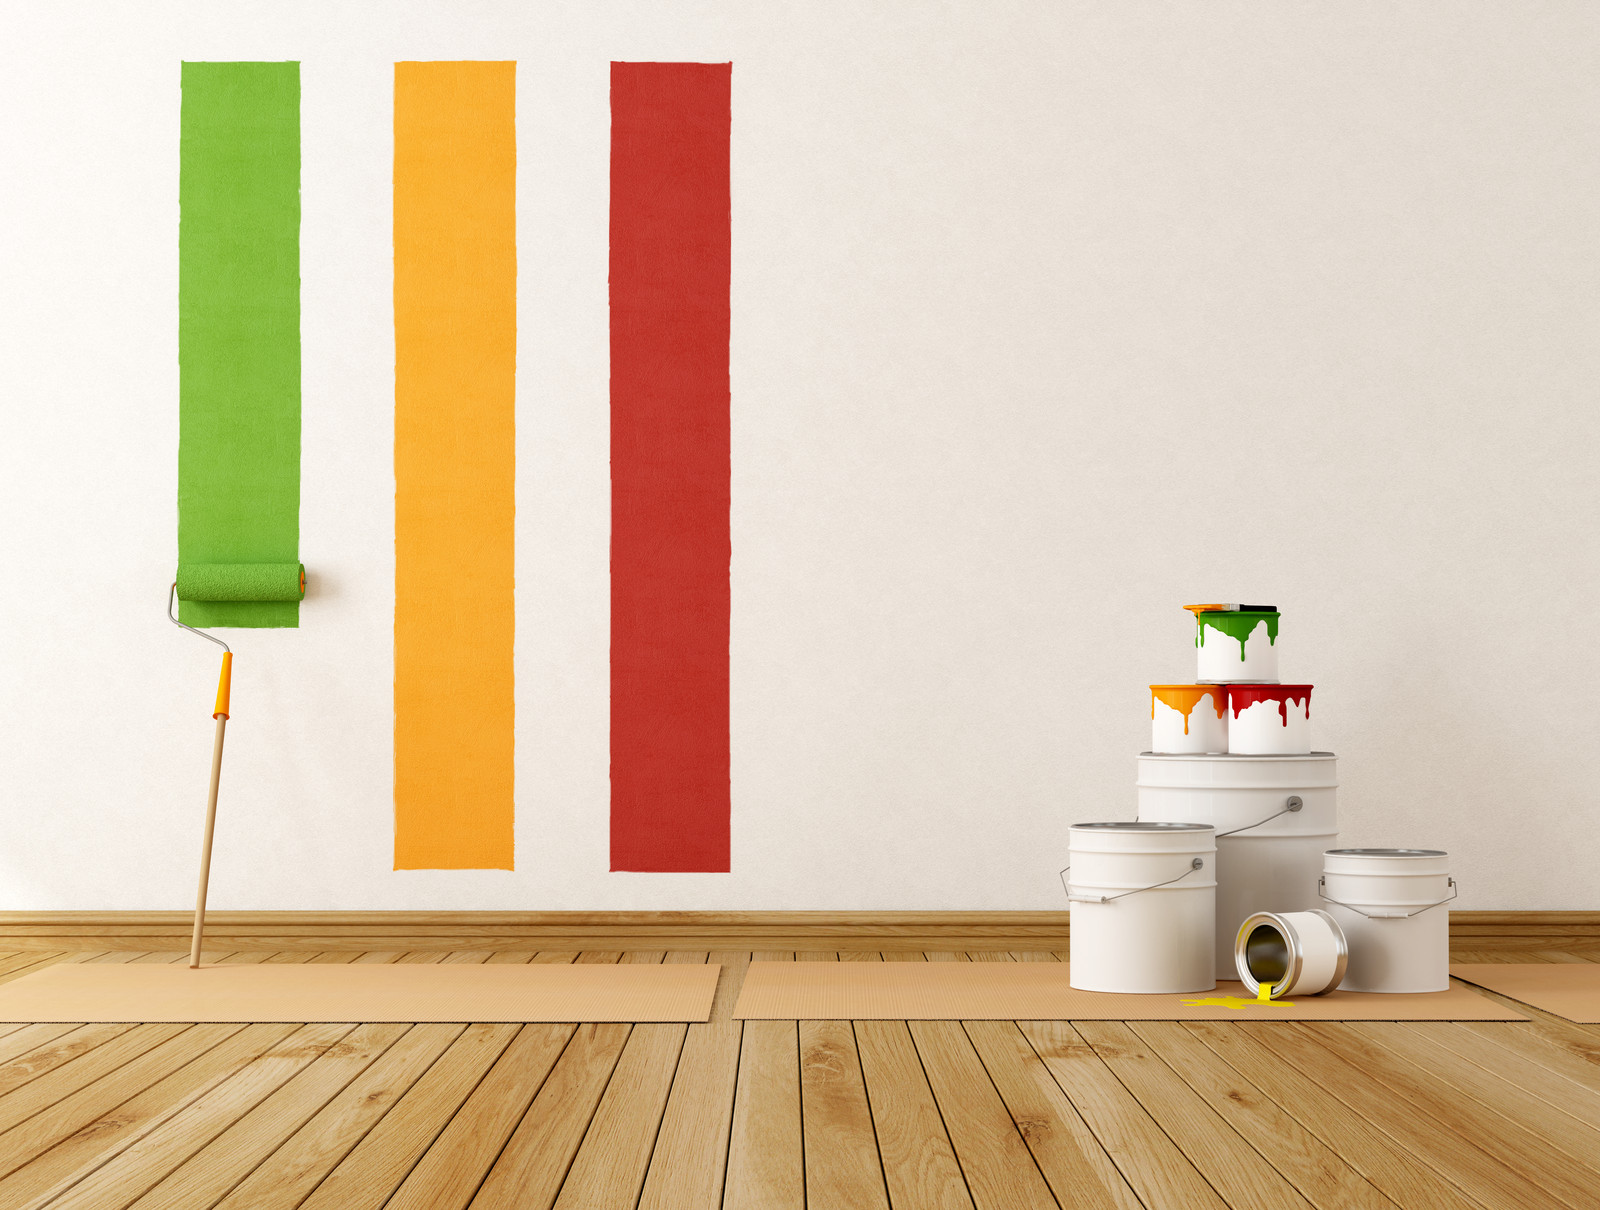 Ventajas y consejos para pintar las paredes t mismo - Como pintar las paredes ...